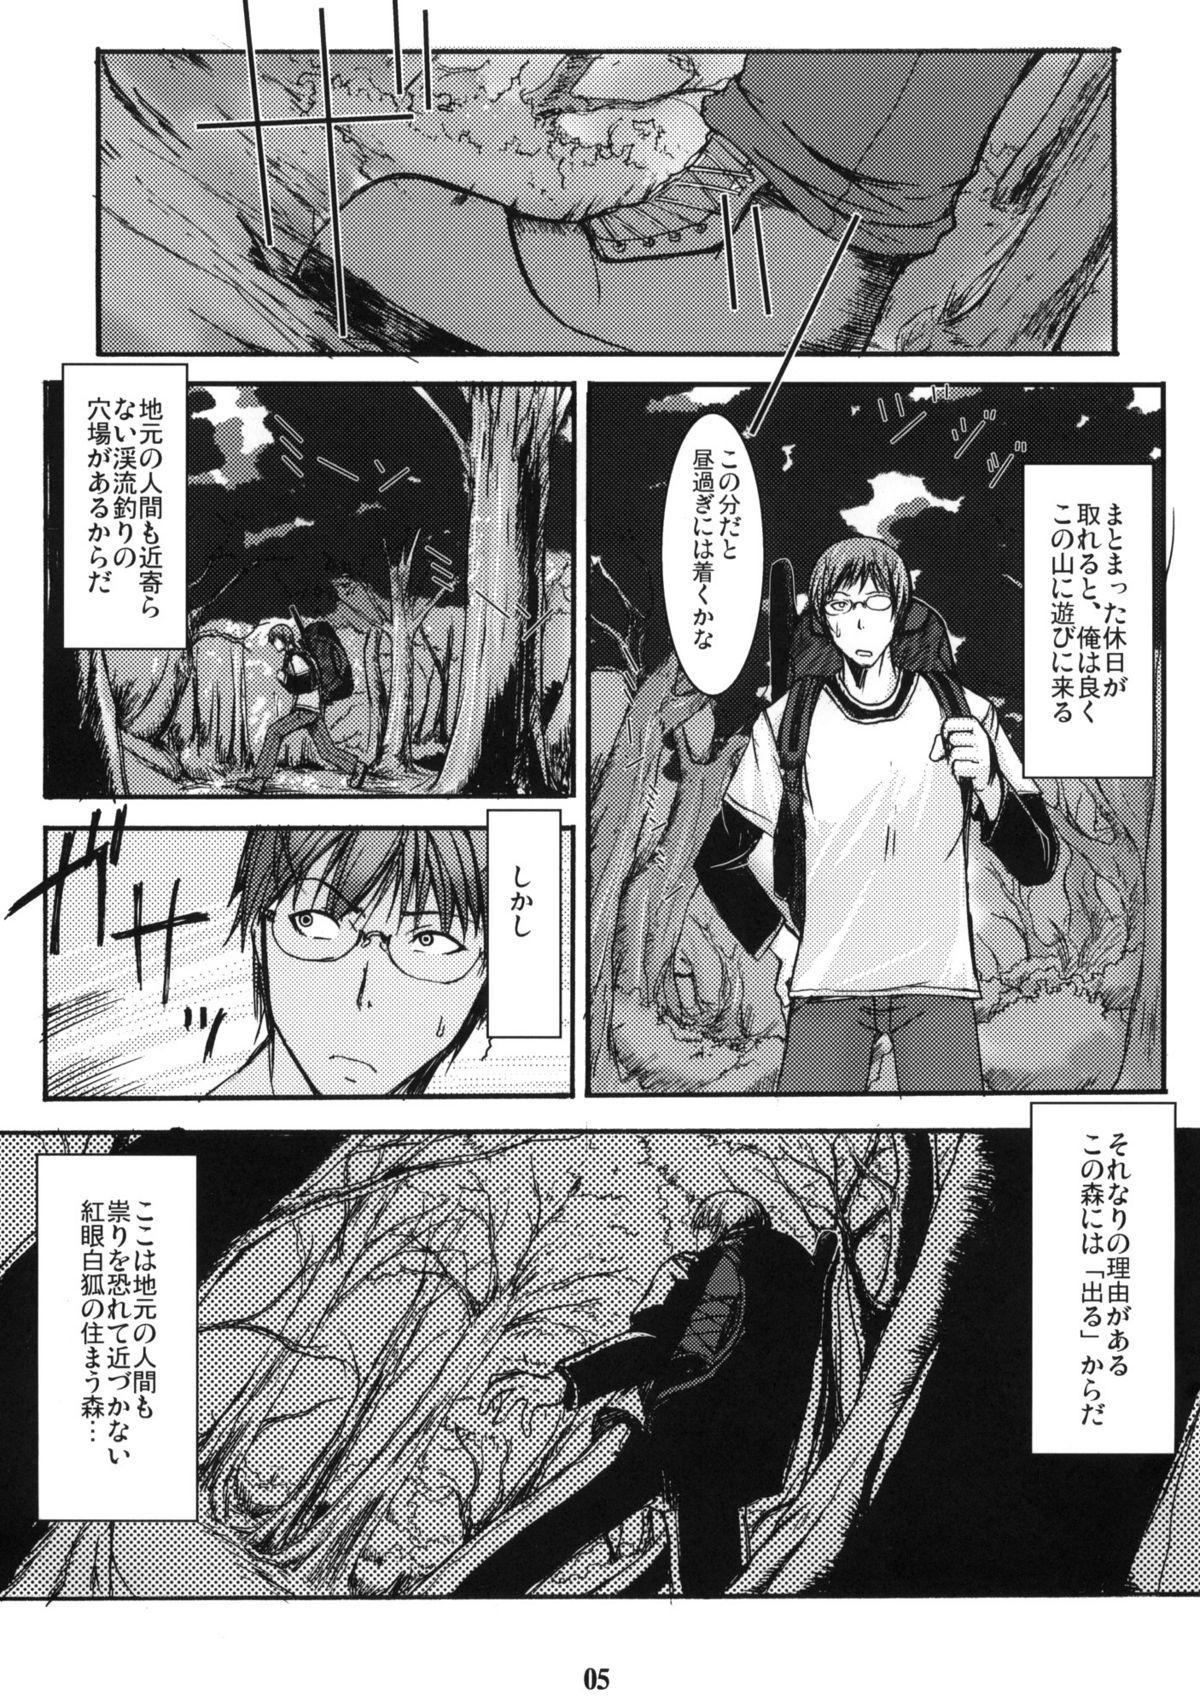 Byakko no Mori Sono Ni 3